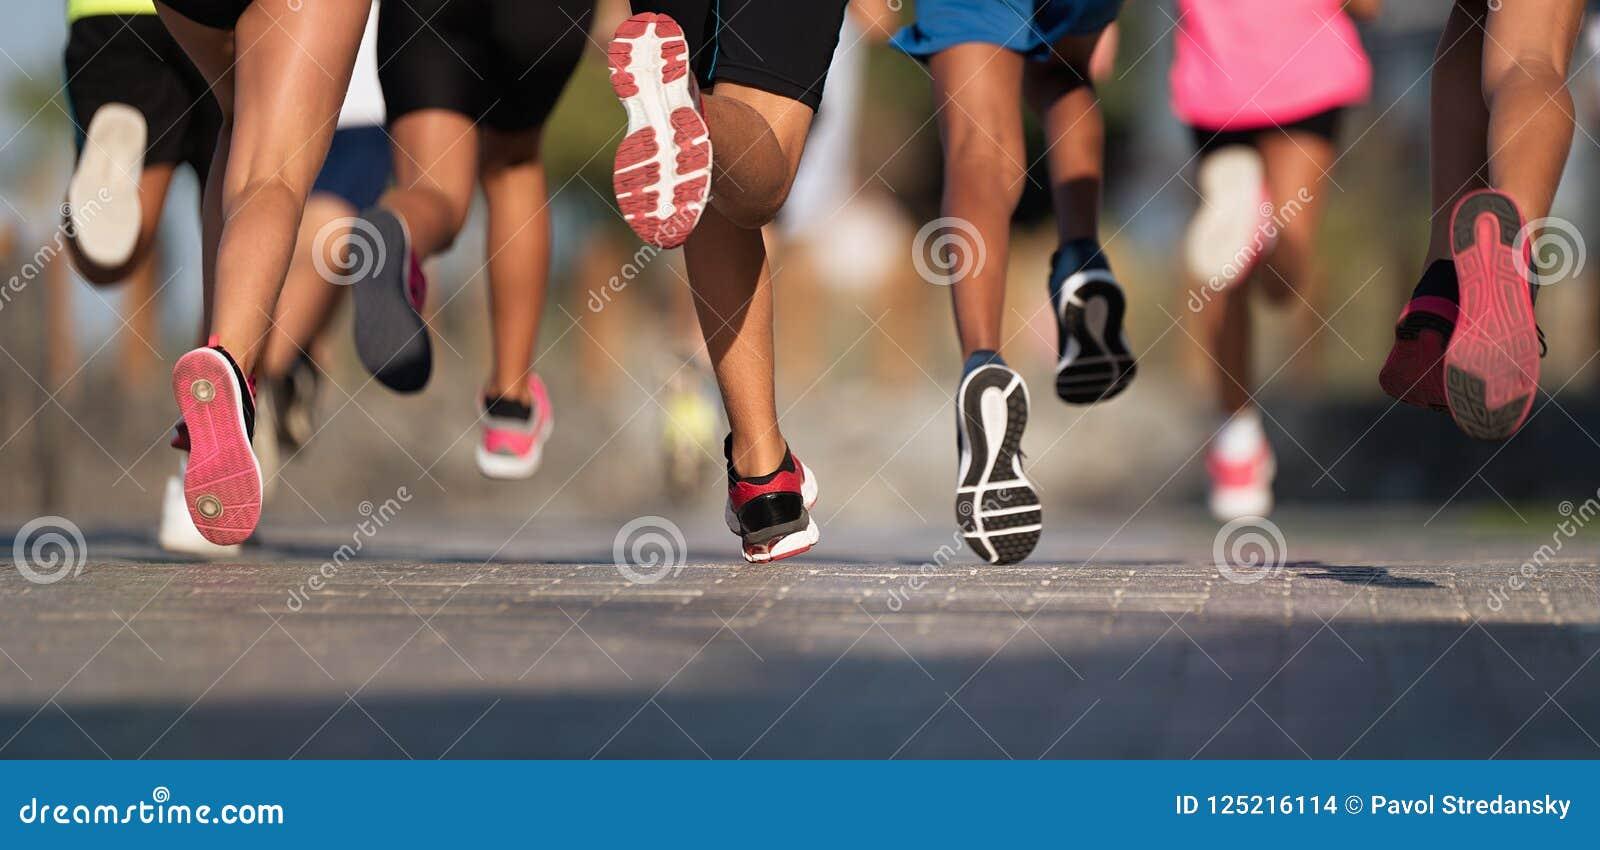 连续孩子,在的年轻运动员奔跑孩子参加比赛,跑在城市道路